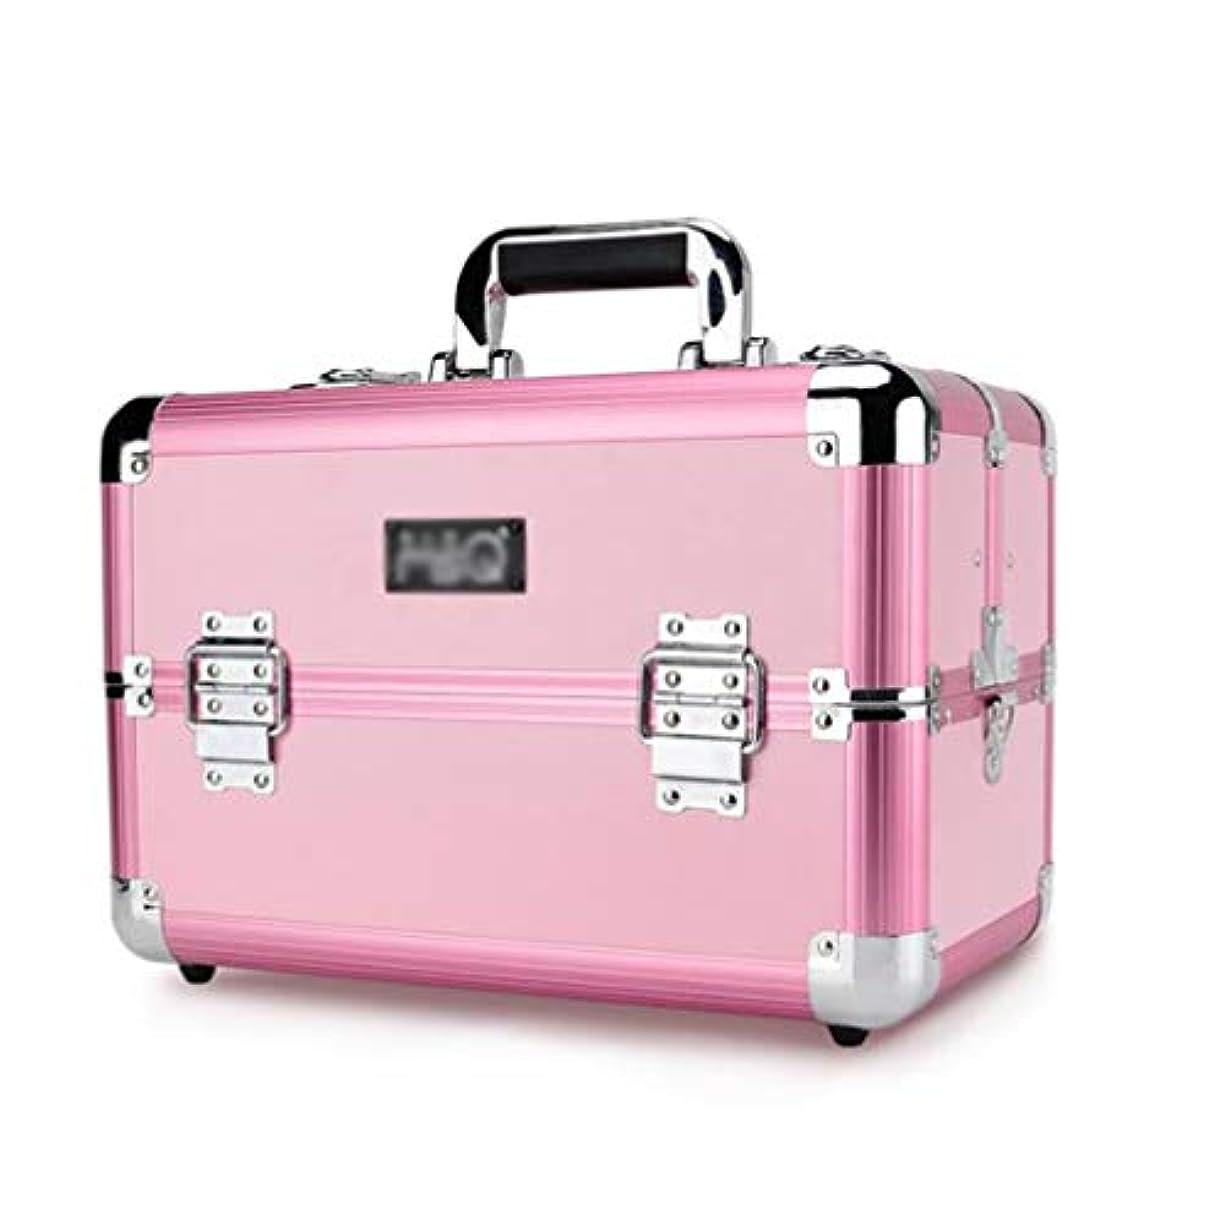 パネル仮定する歩き回るBUMC プロのアルミ化粧品ケースメイクアップトロリー列車テーブル虚栄心のための美容師特大旅行ジュエリーボックスオーガナイザー,Pink